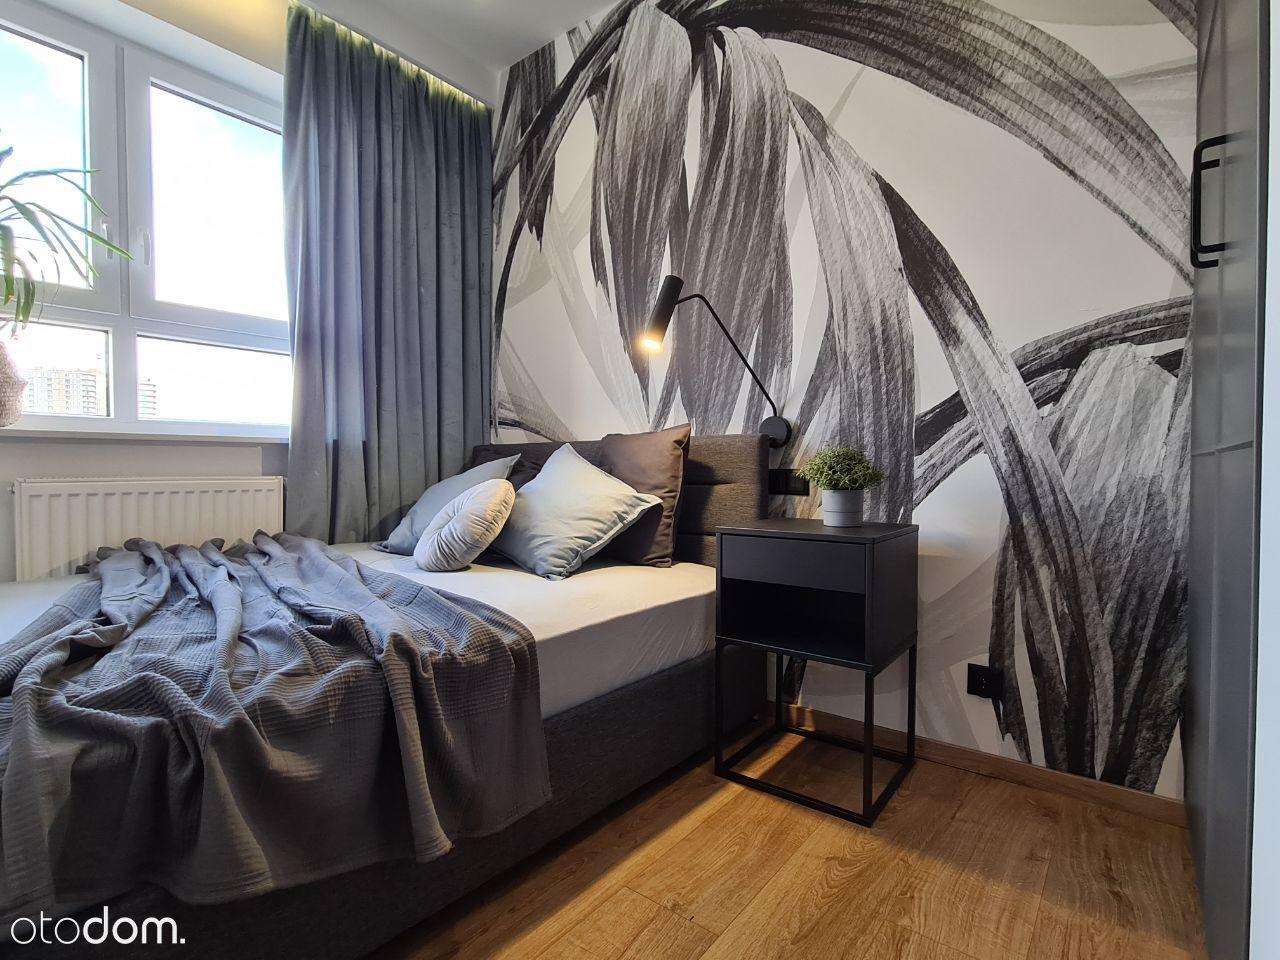 2 pokoje, 36m2, Wola, Stańczyka, wysoki standard